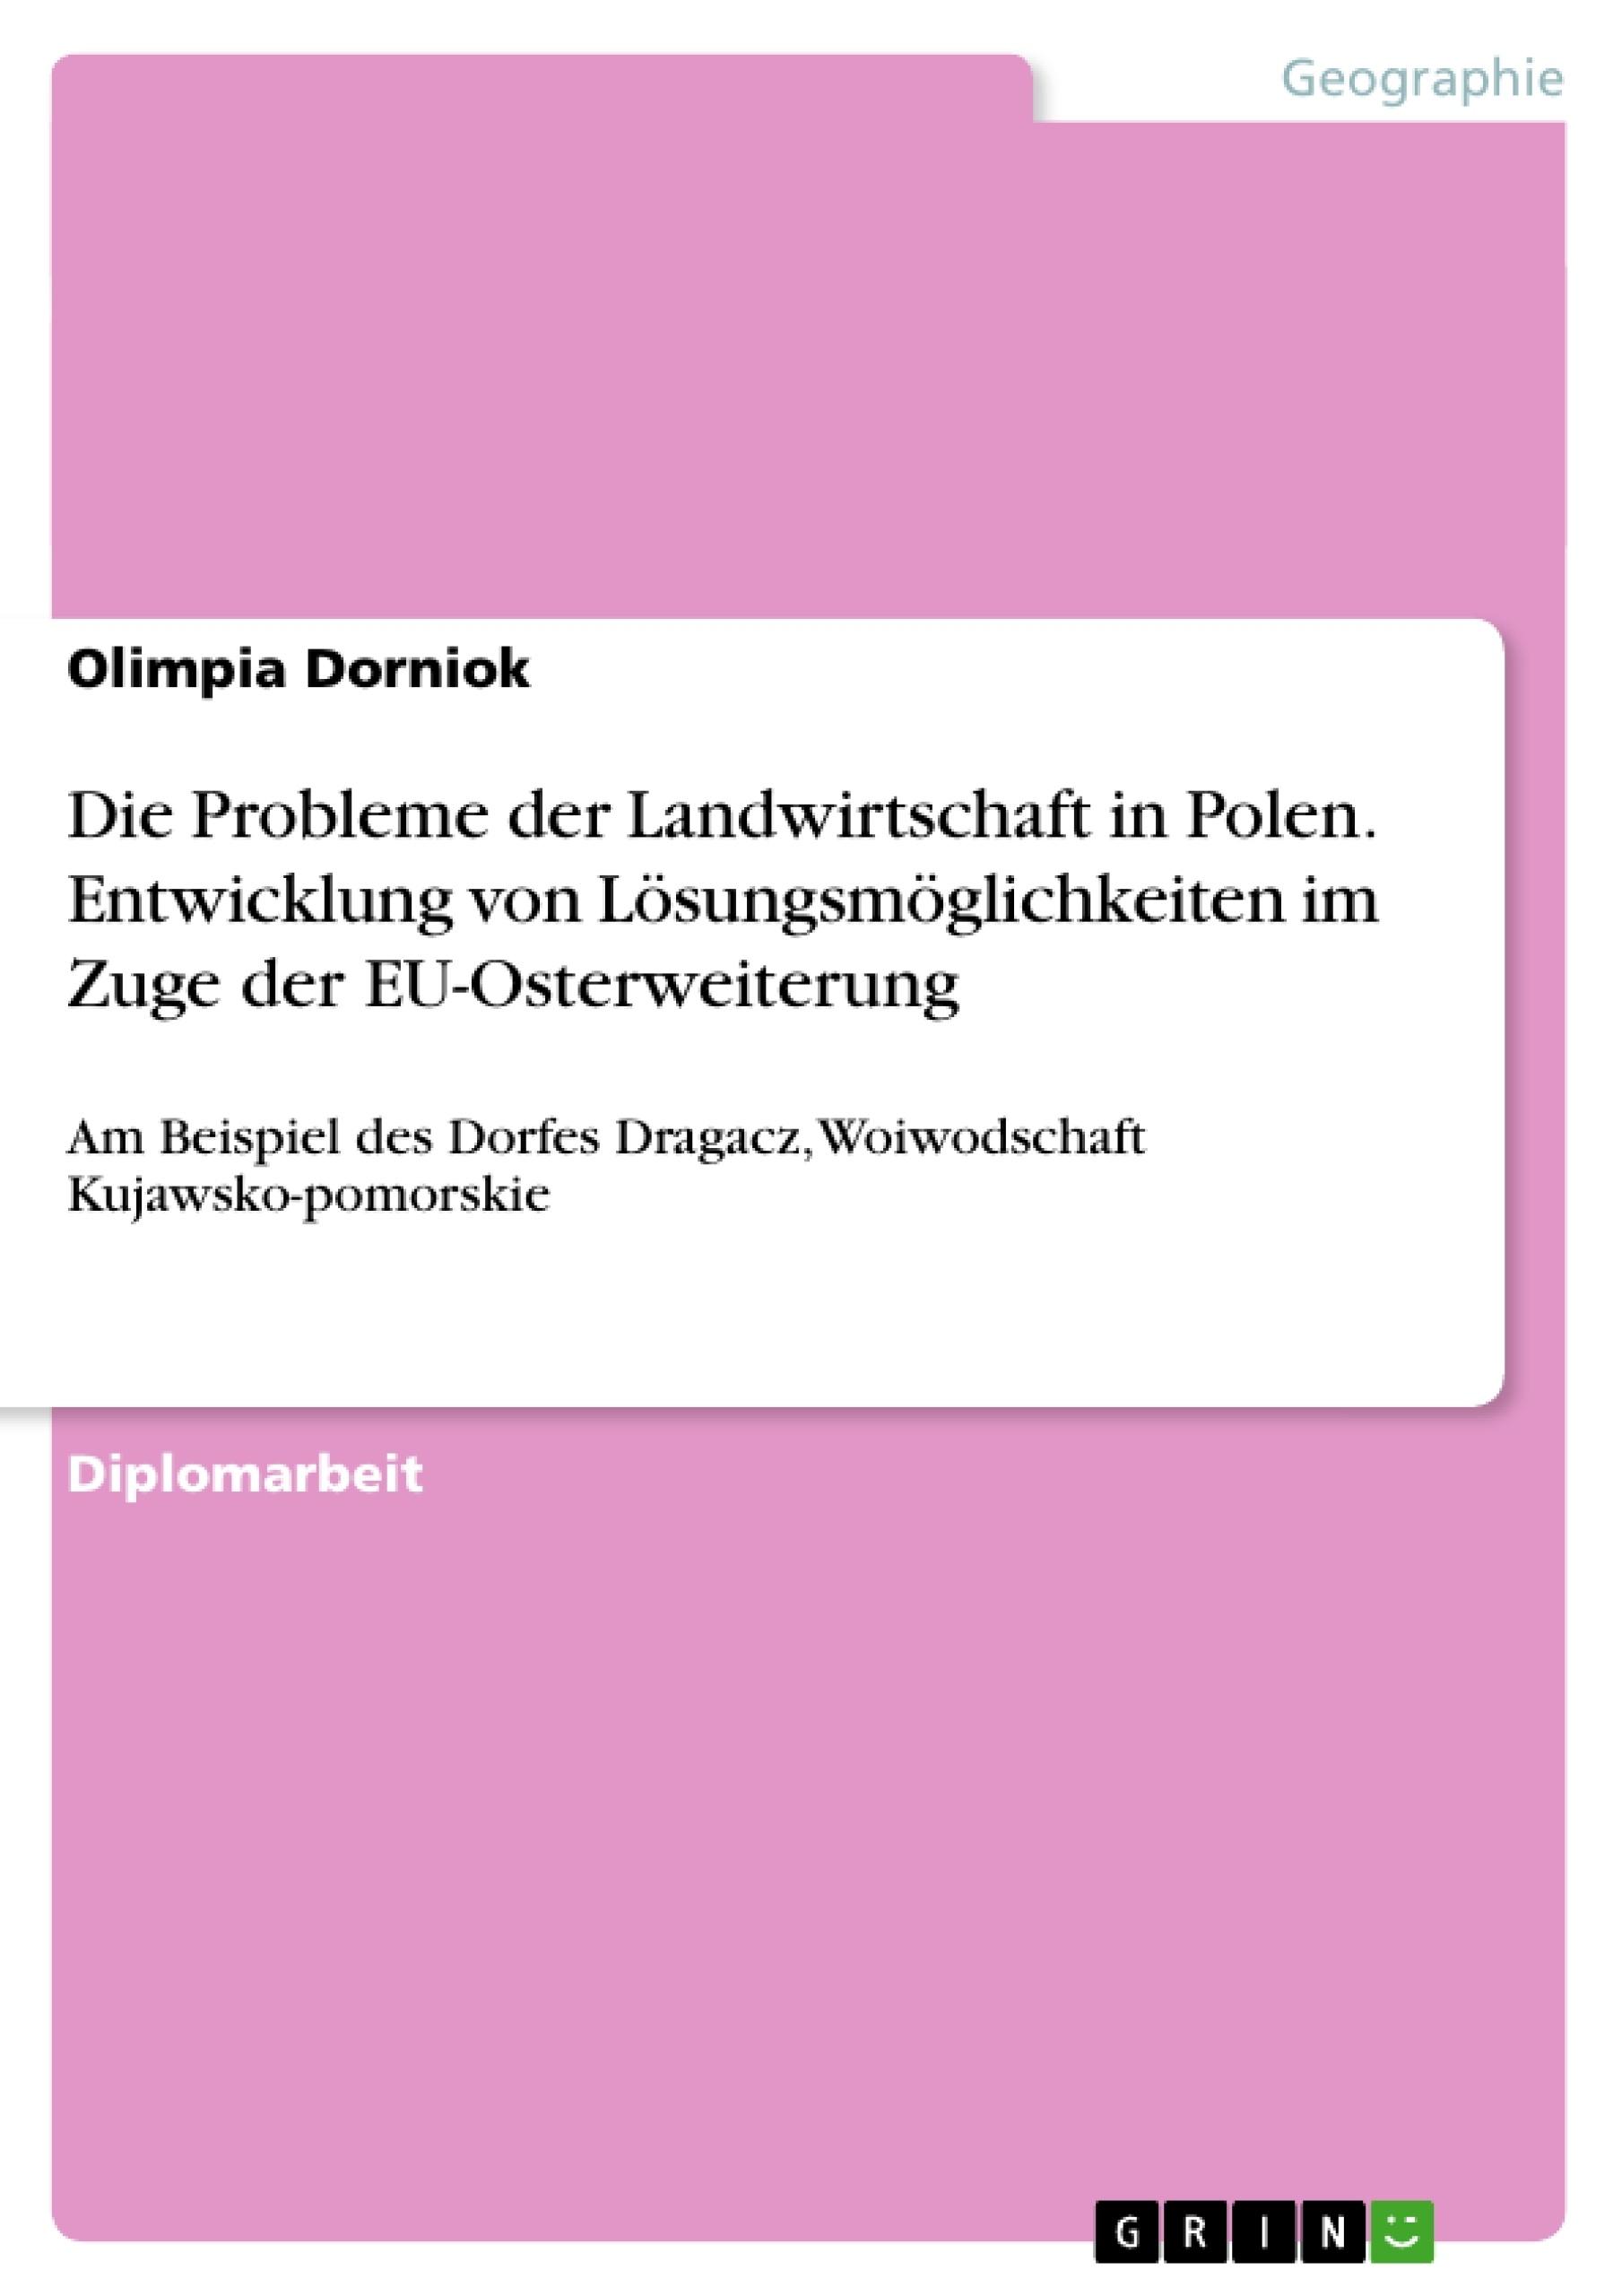 Titel: Die Probleme der Landwirtschaft in Polen. Entwicklung von Lösungsmöglichkeiten im Zuge der EU-Osterweiterung